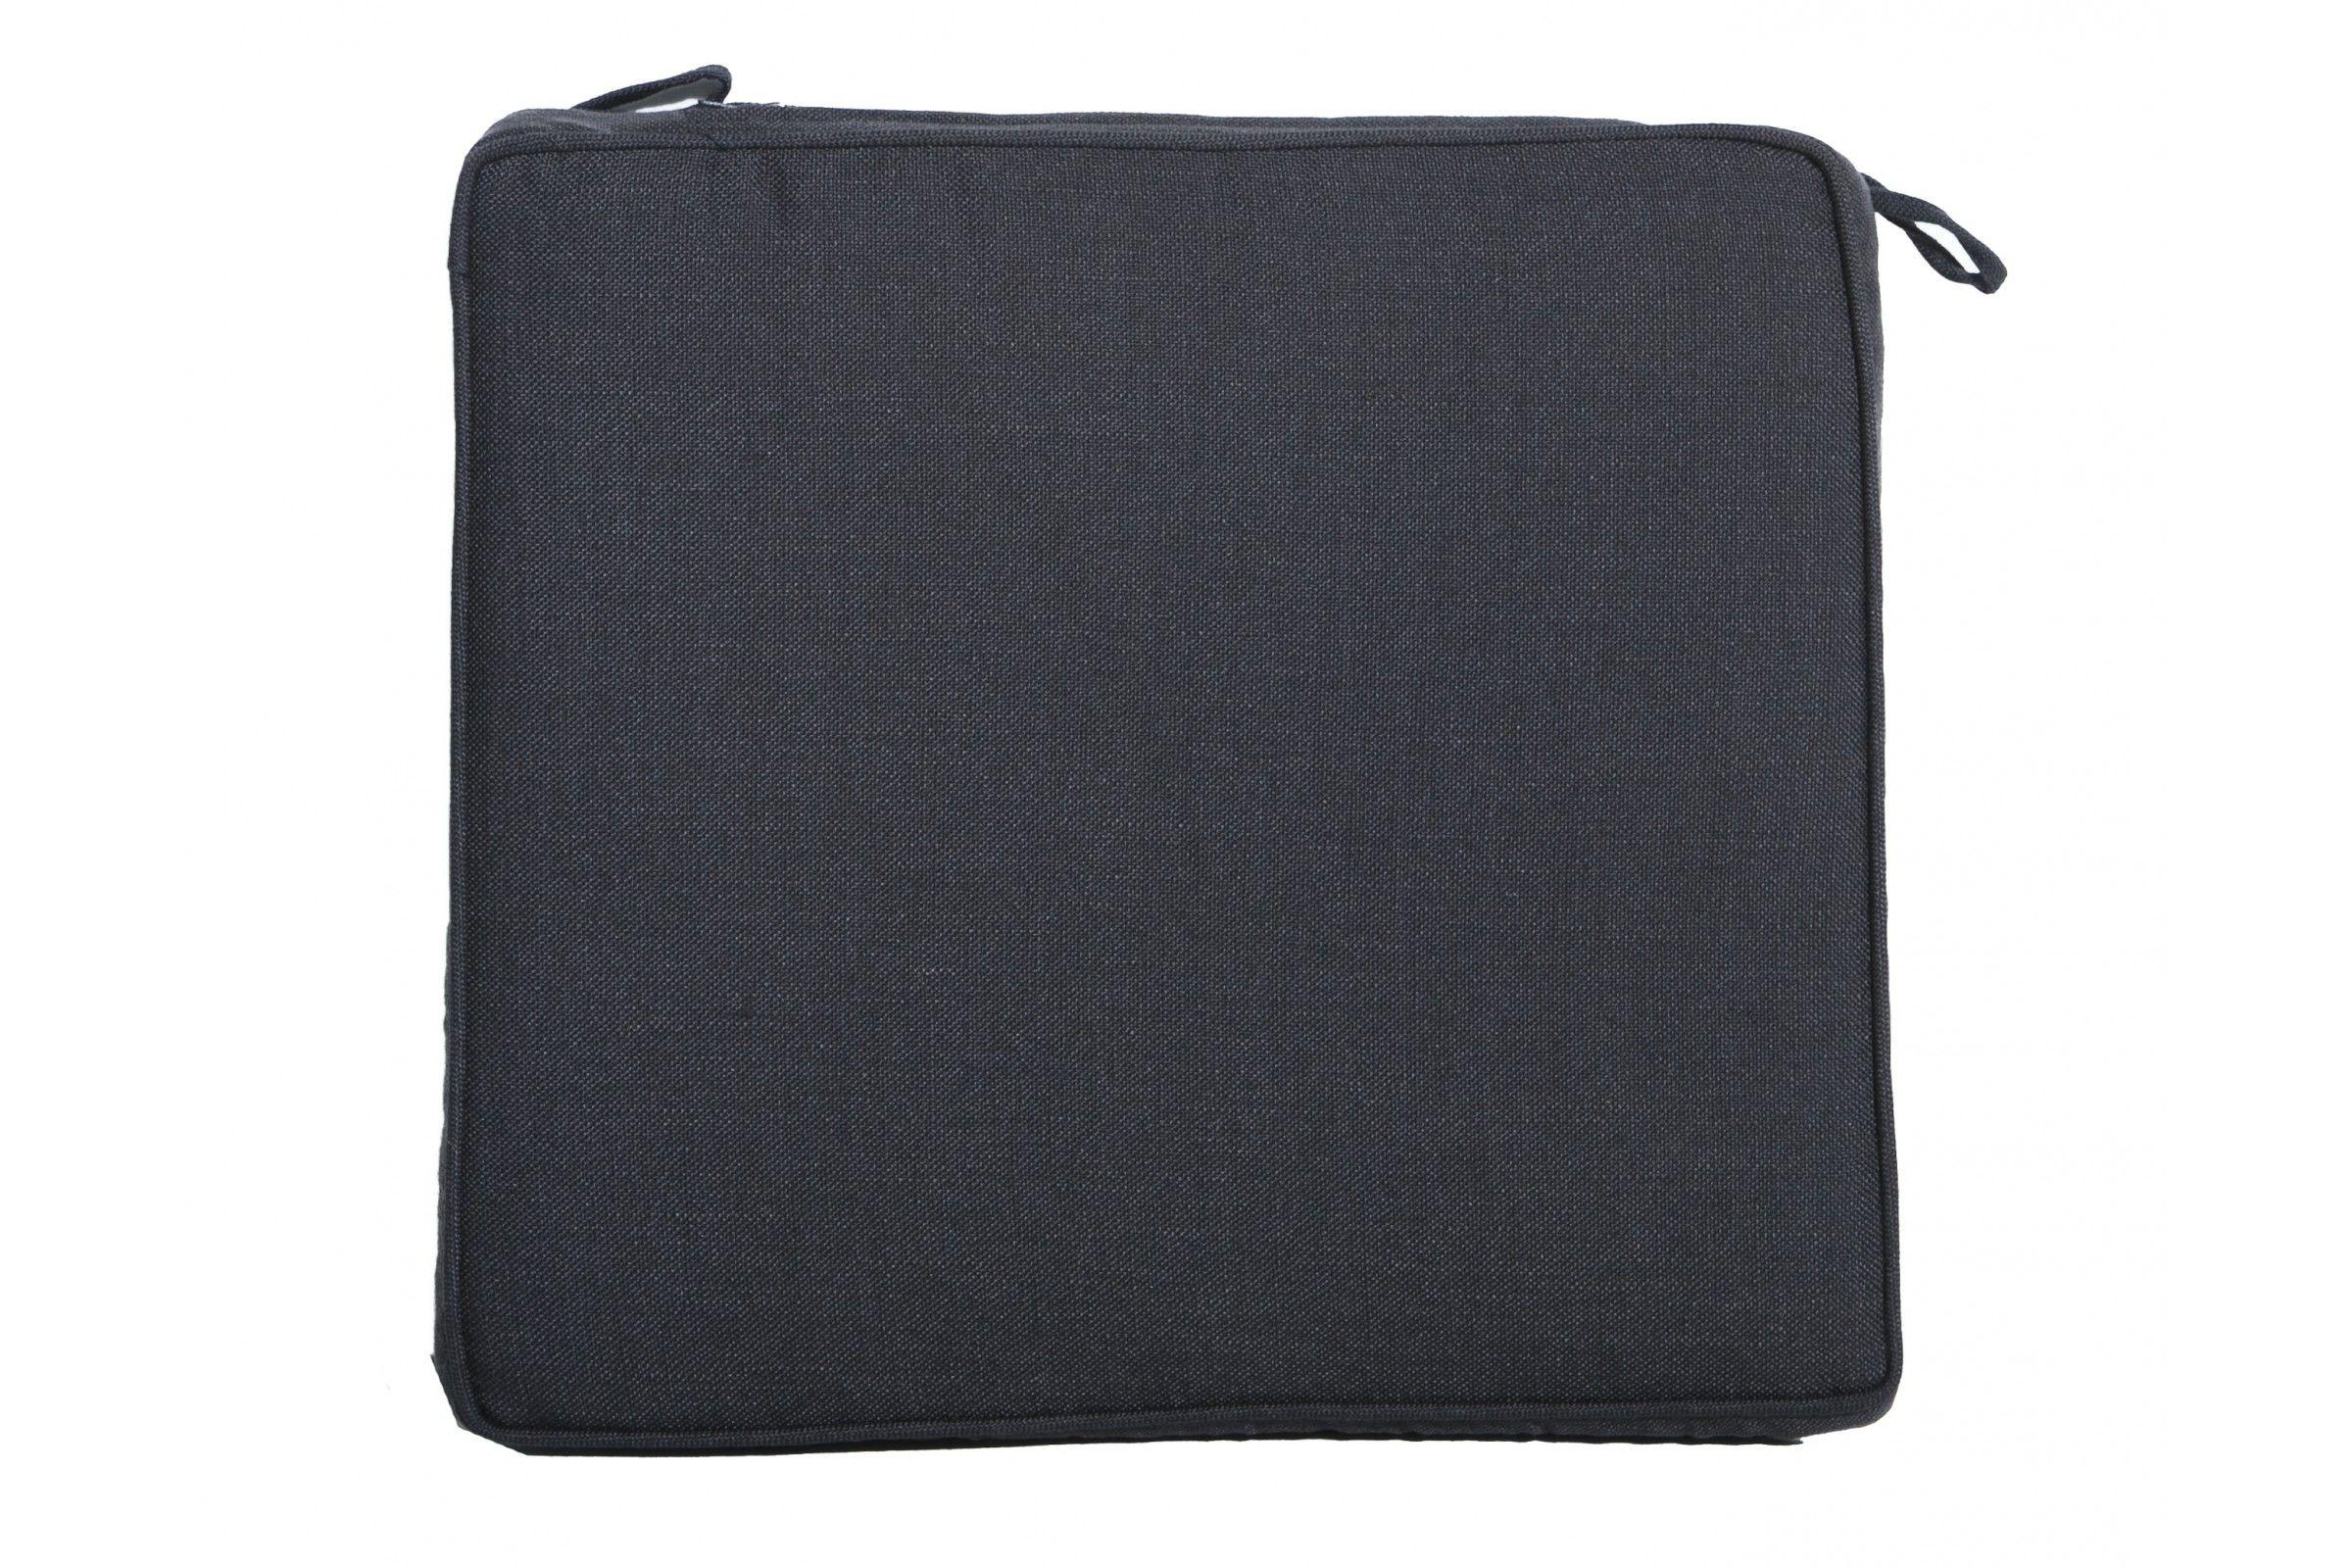 coussin de chaise pliante 40x45 cm d houssable la galerie du teck. Black Bedroom Furniture Sets. Home Design Ideas